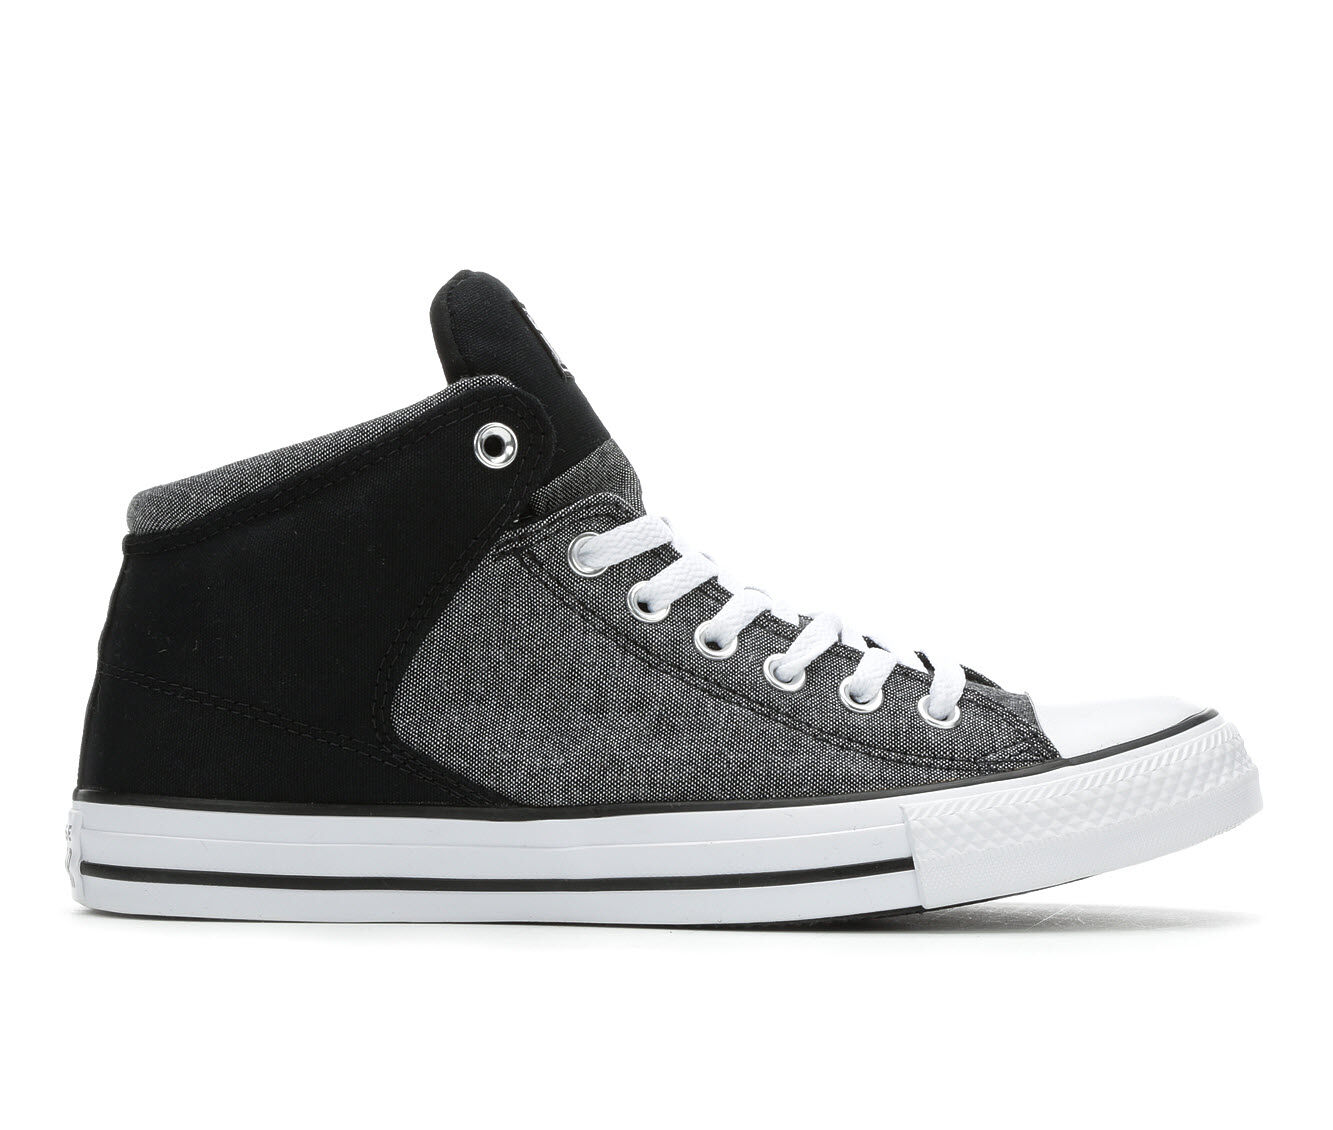 Men's Converse CTAS Hi St Hi Washed Ashore Sneakers Blk/Wht/Blk